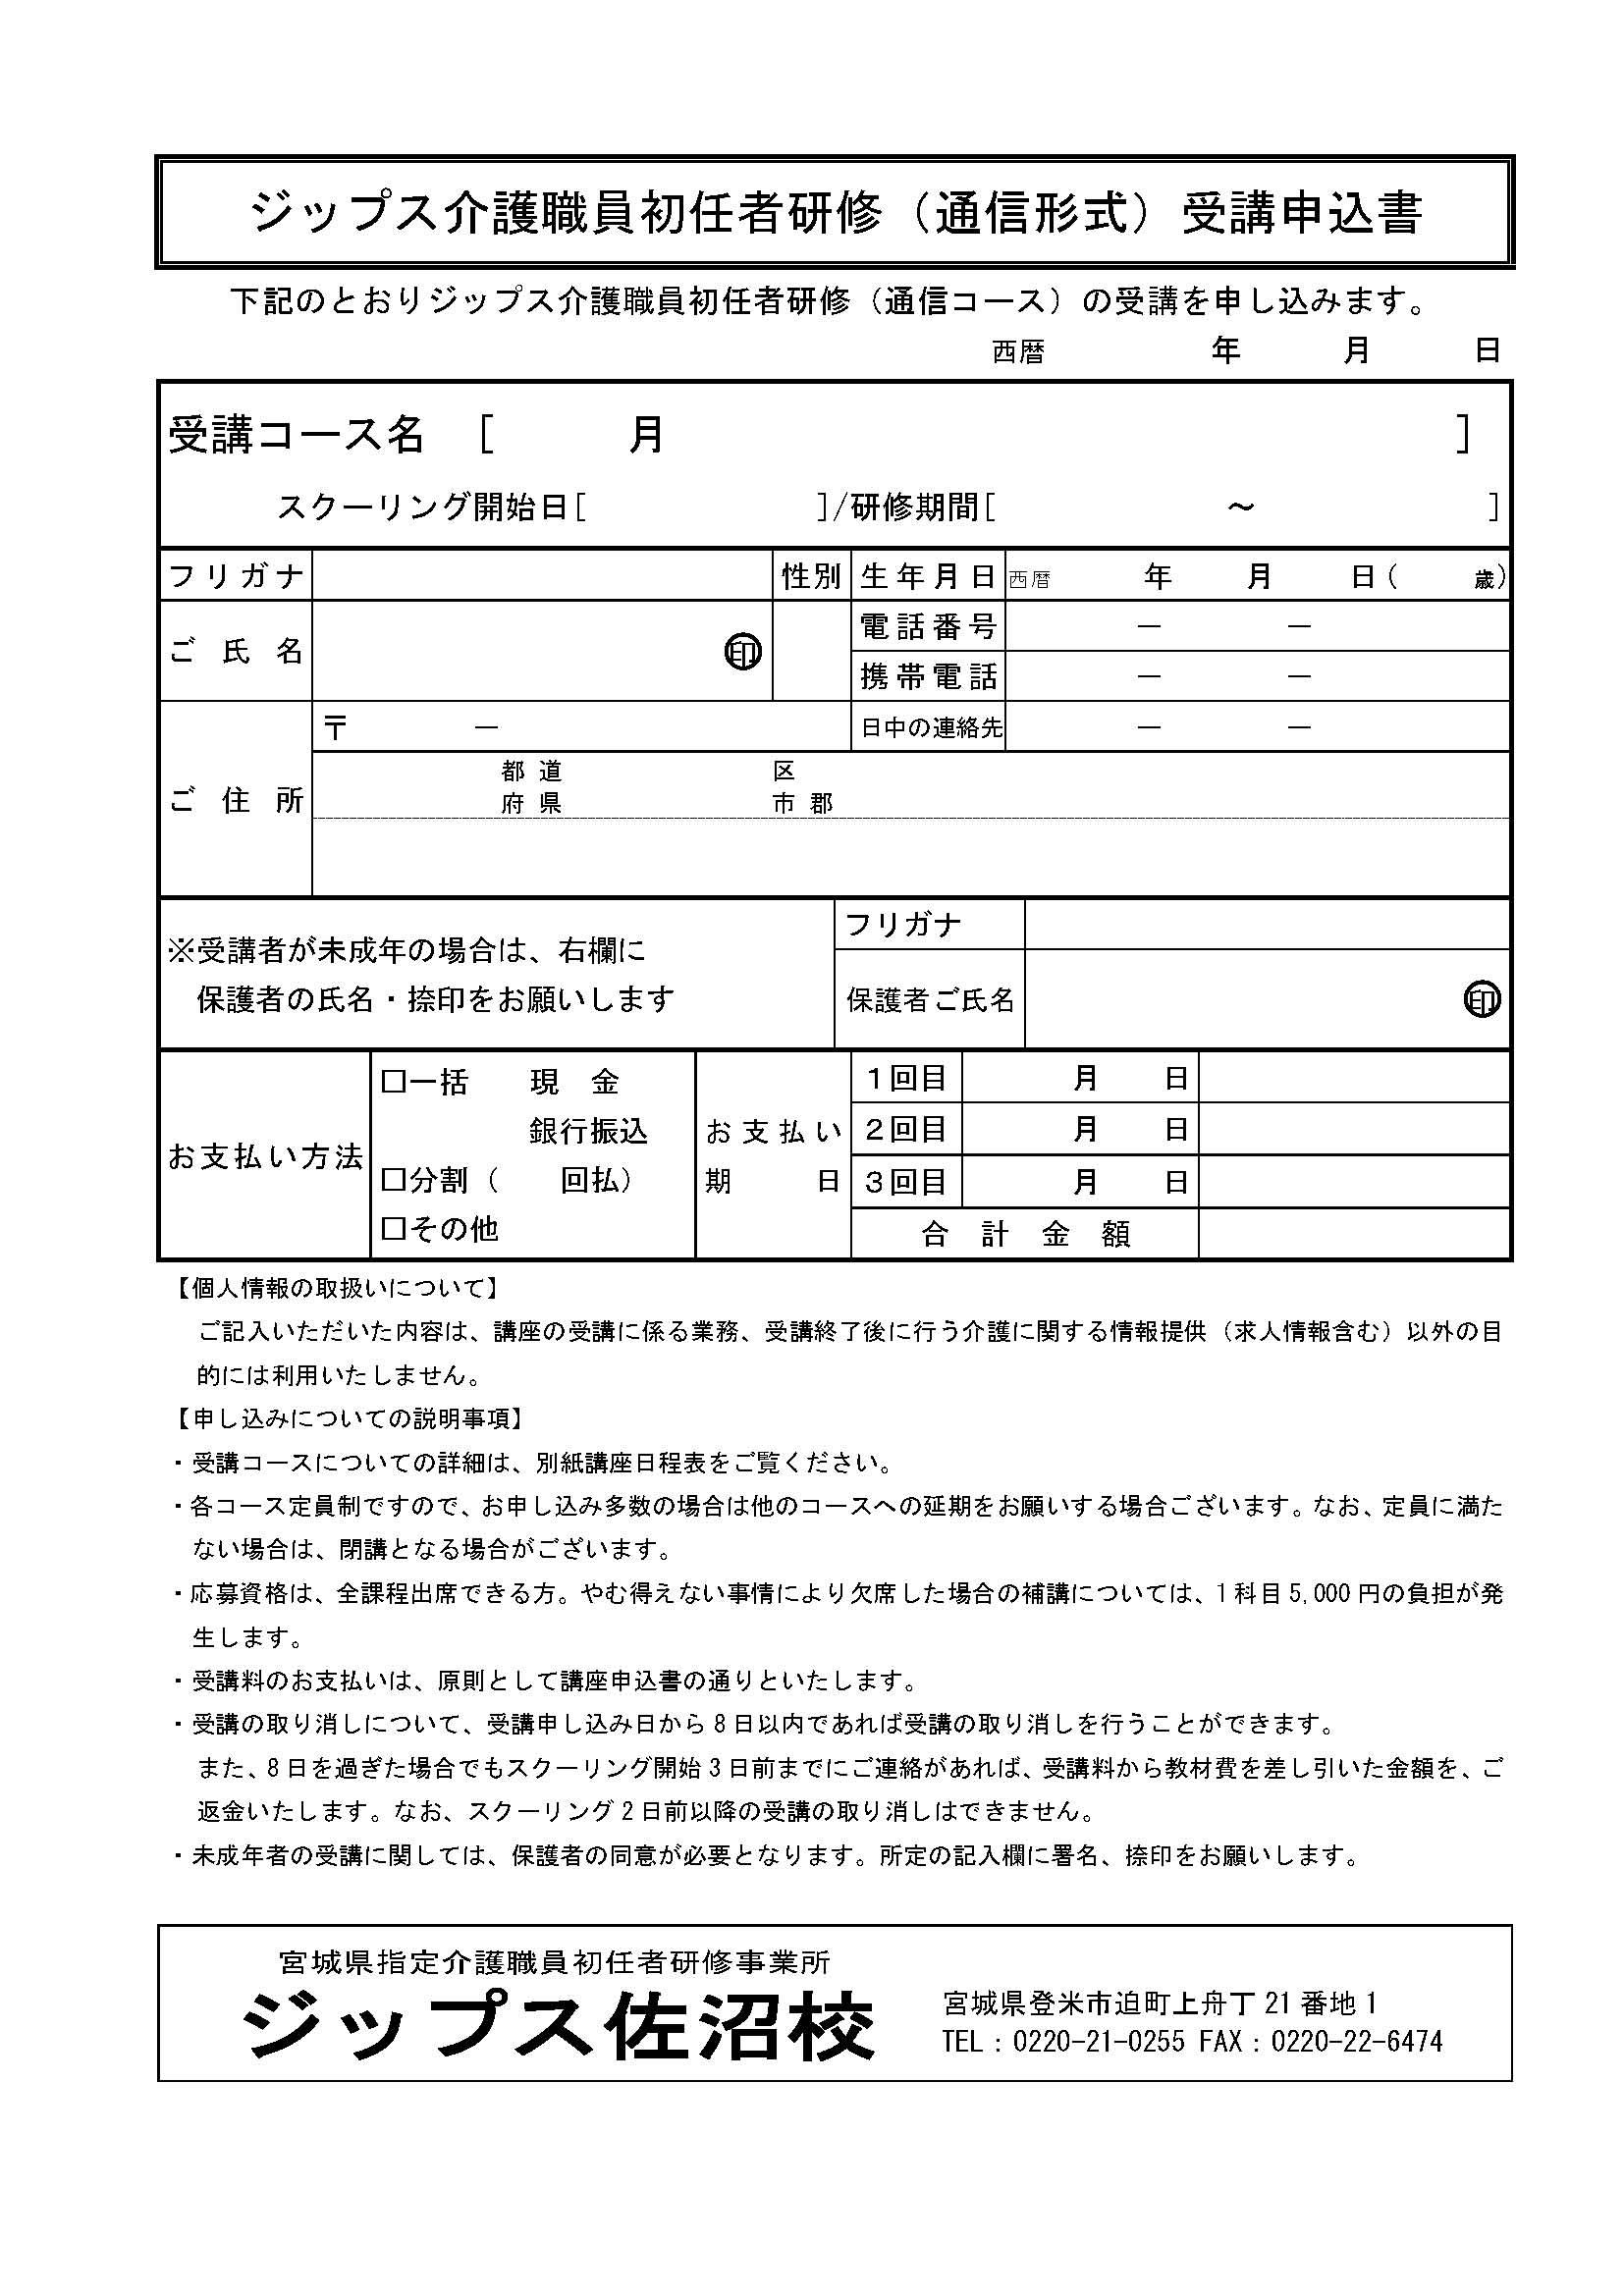 介護職員初任者研修受講申込書